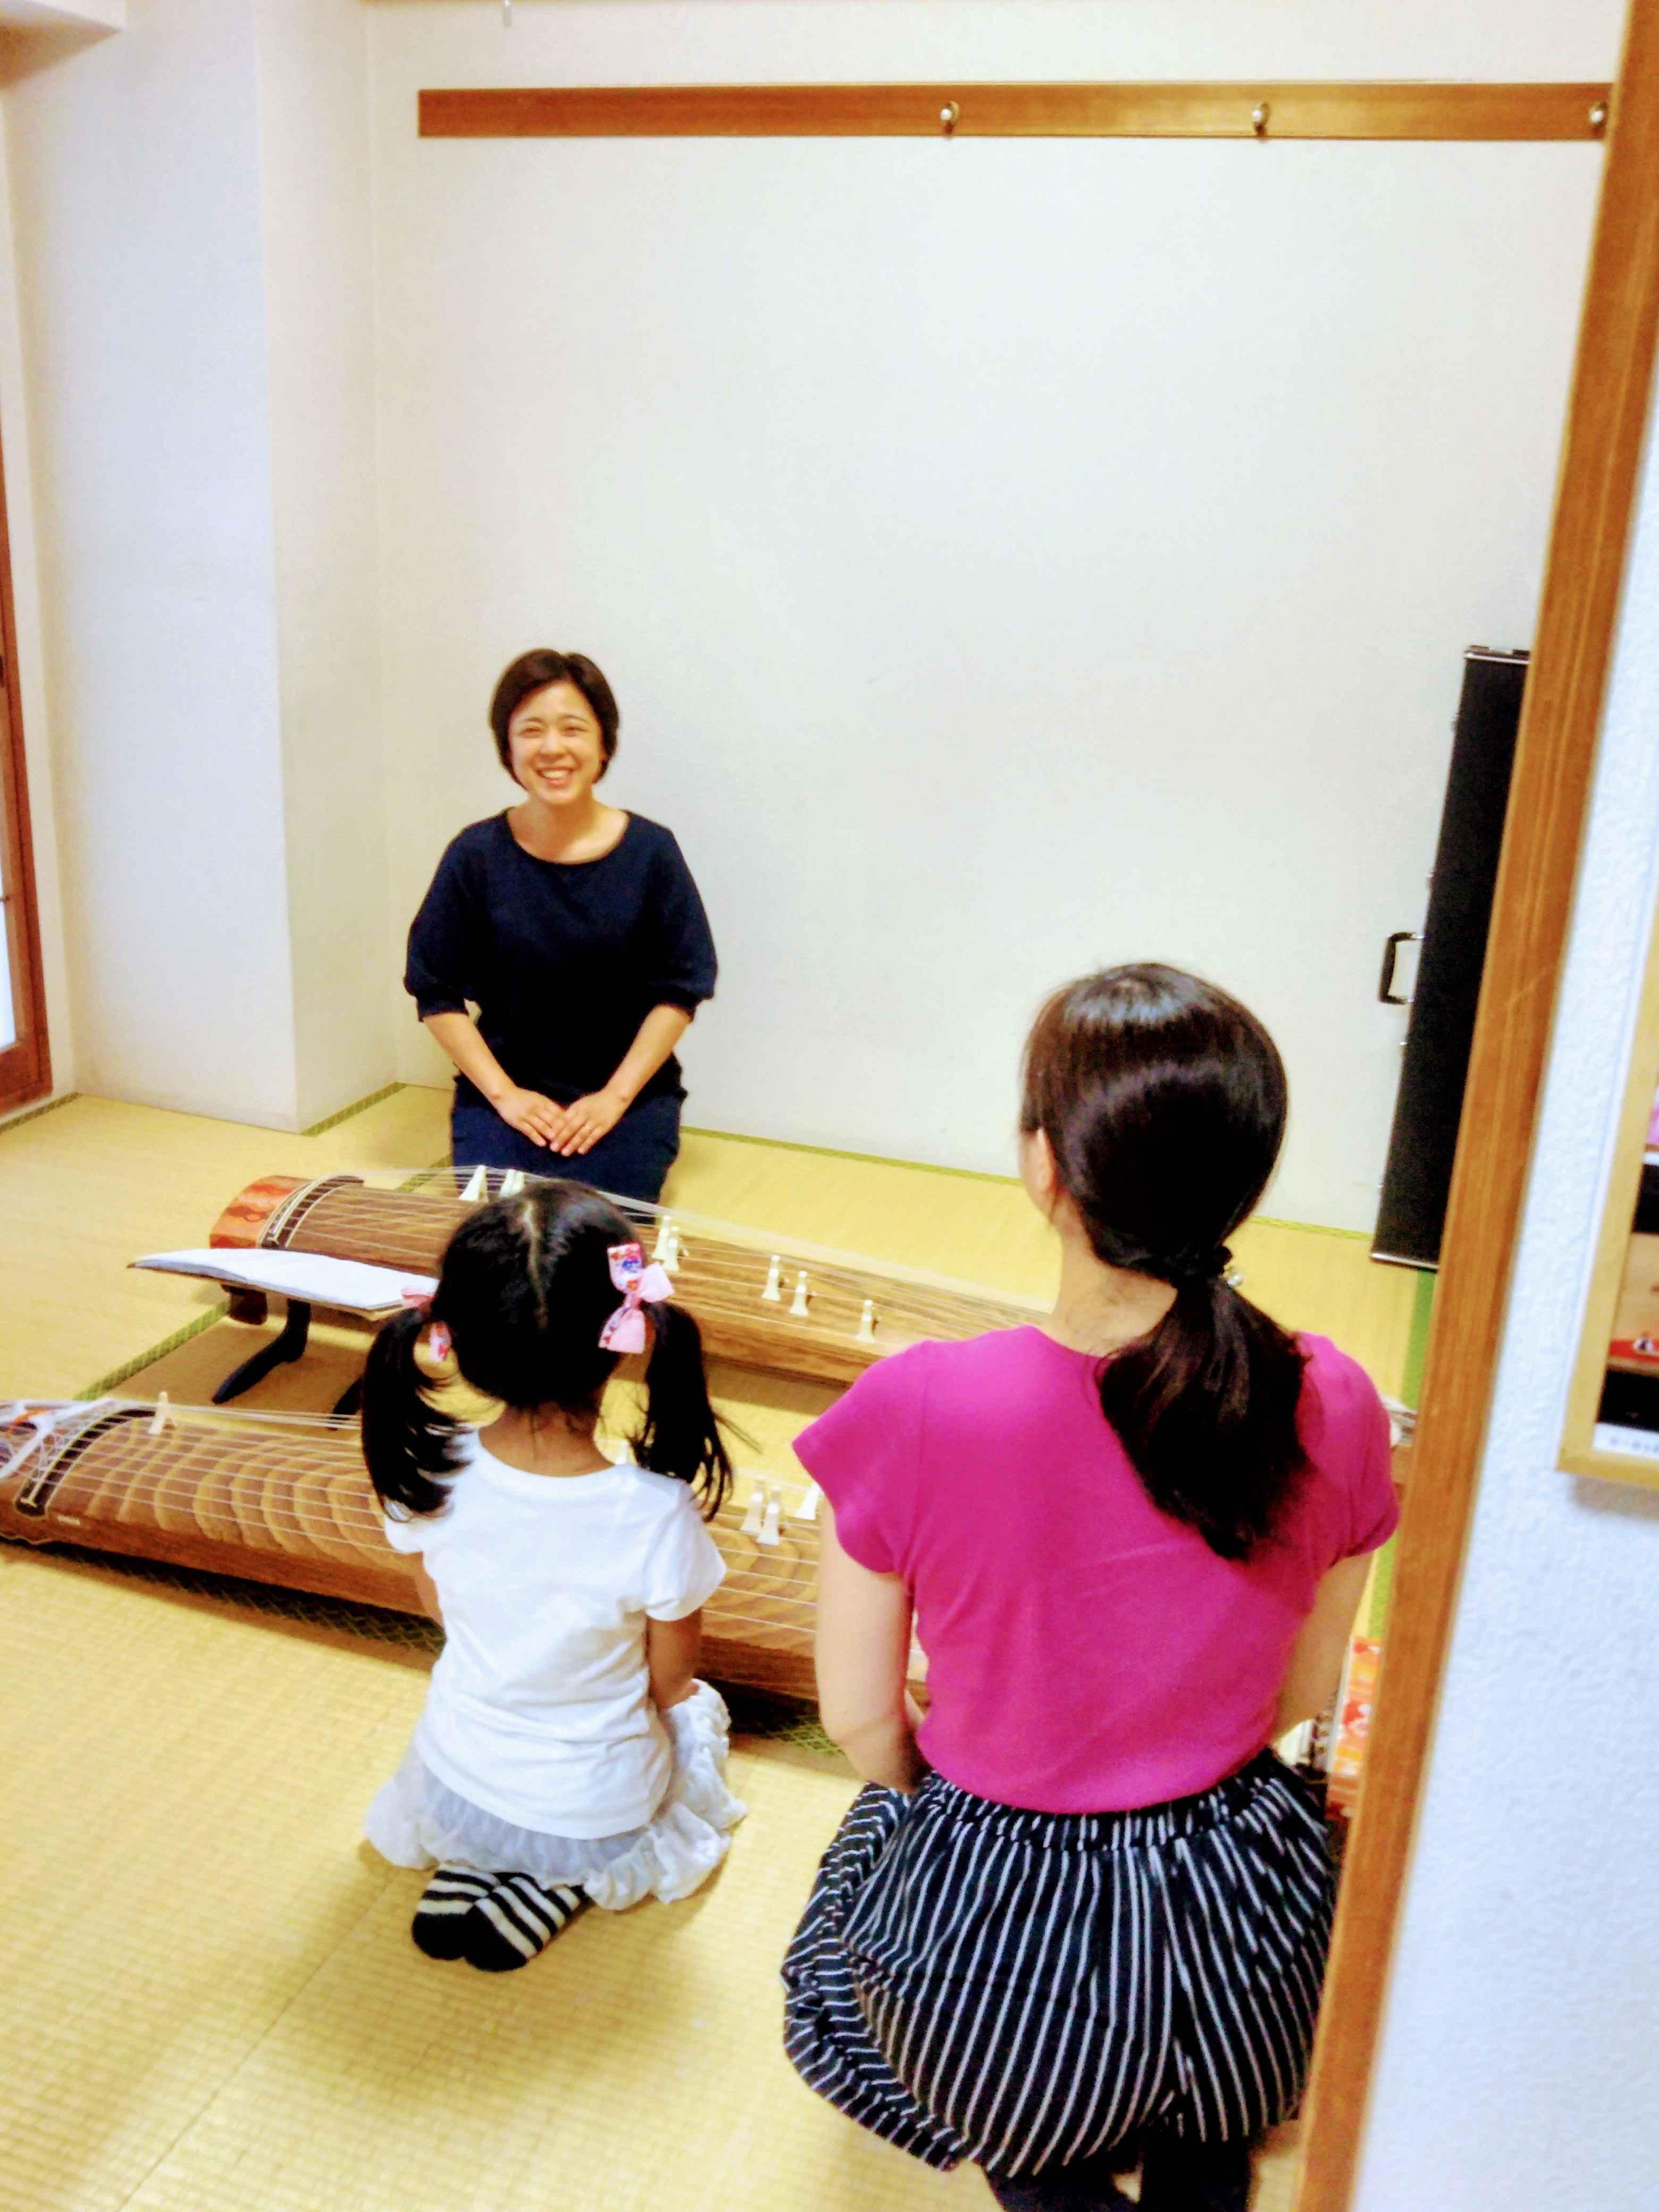 ★篠の会 お箏教室★ 横浜・東京のお琴教室★